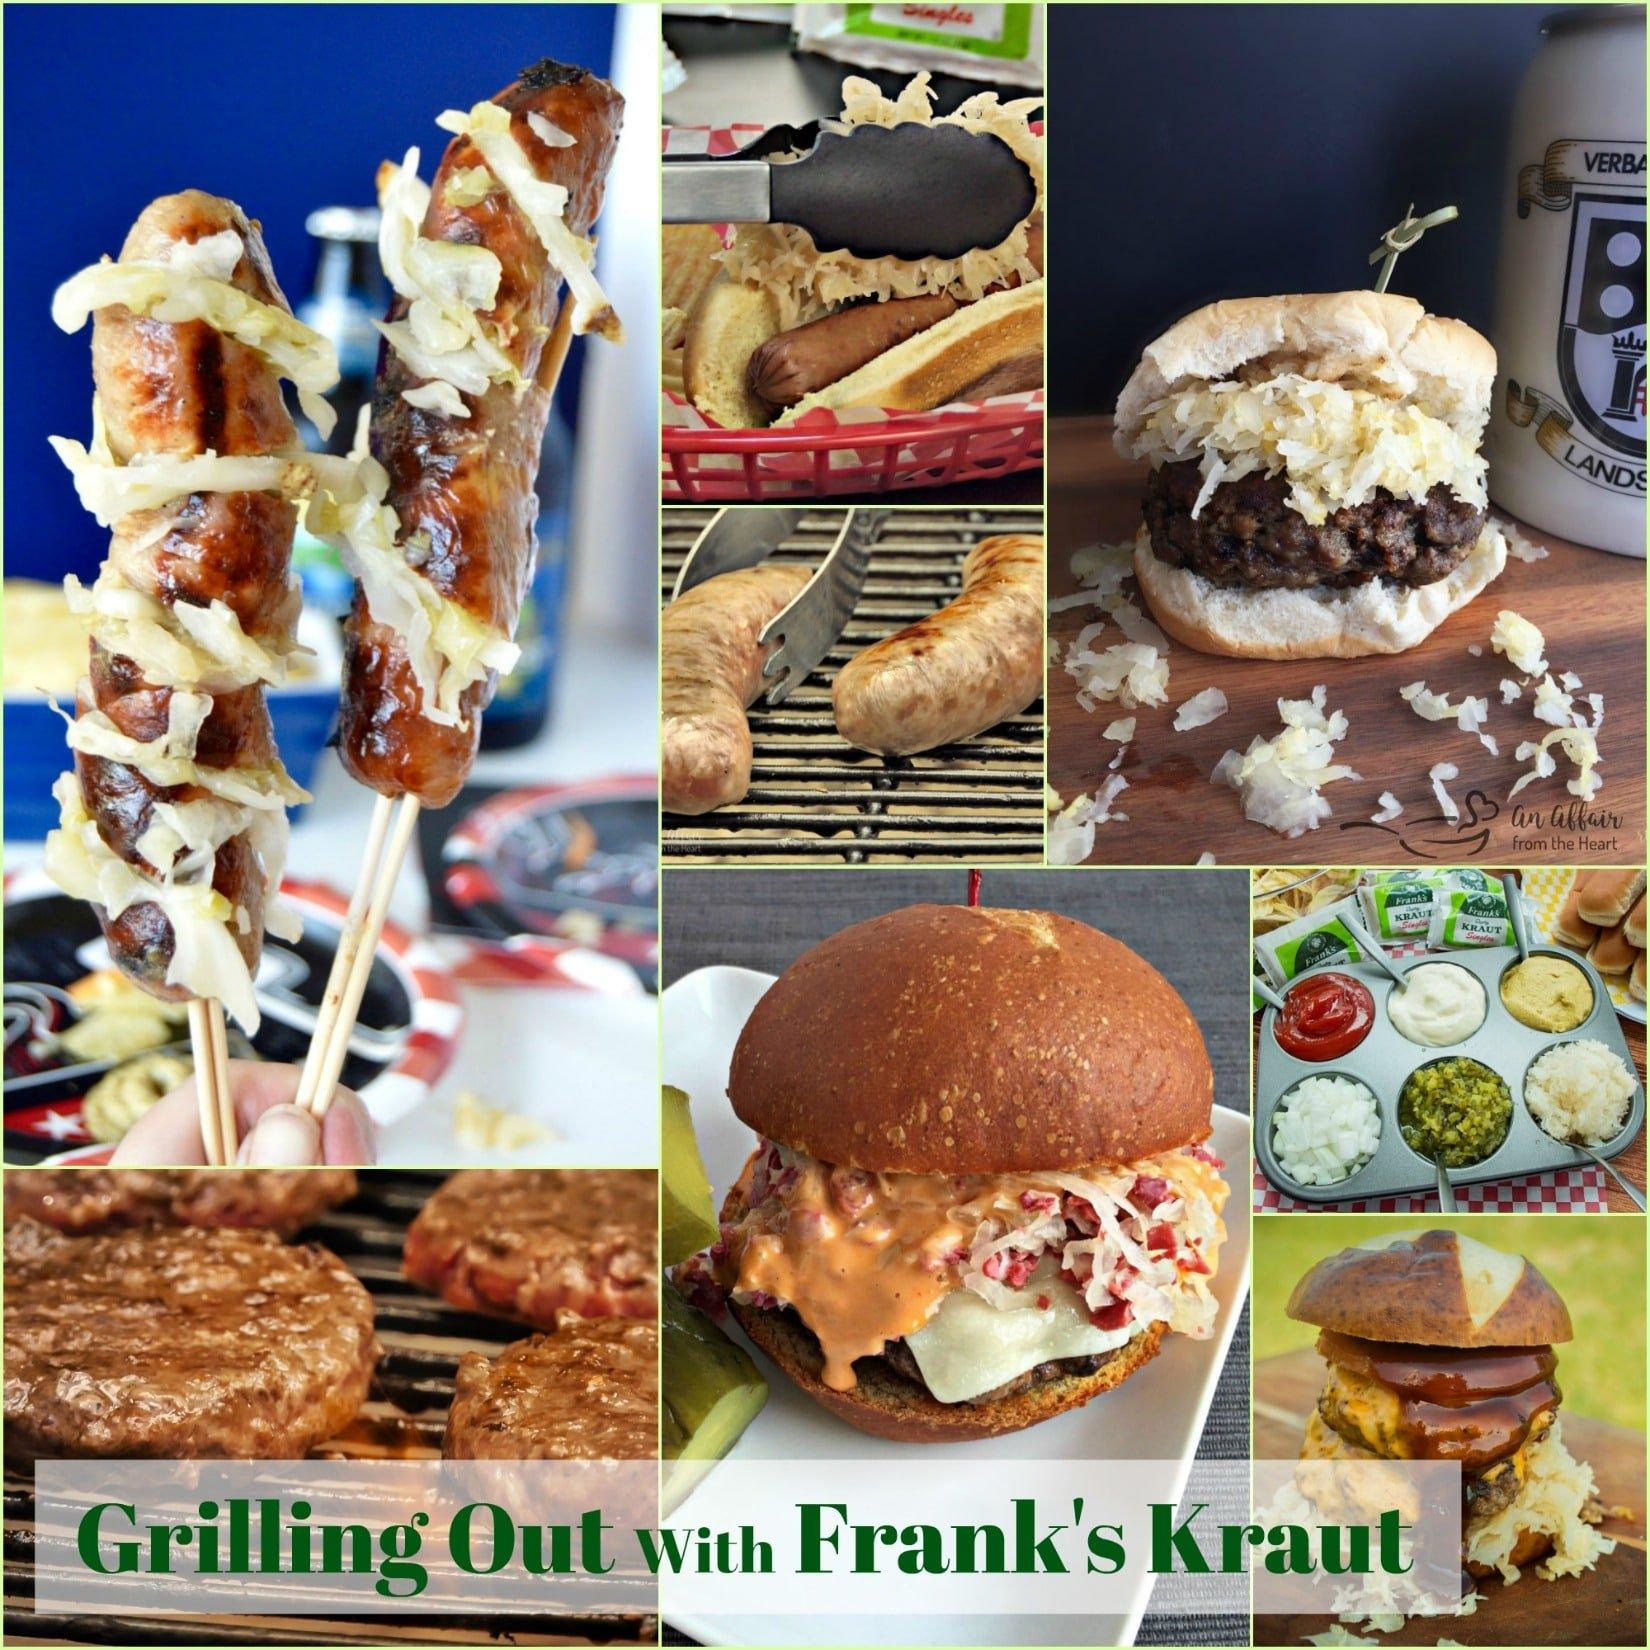 Franks Kraut